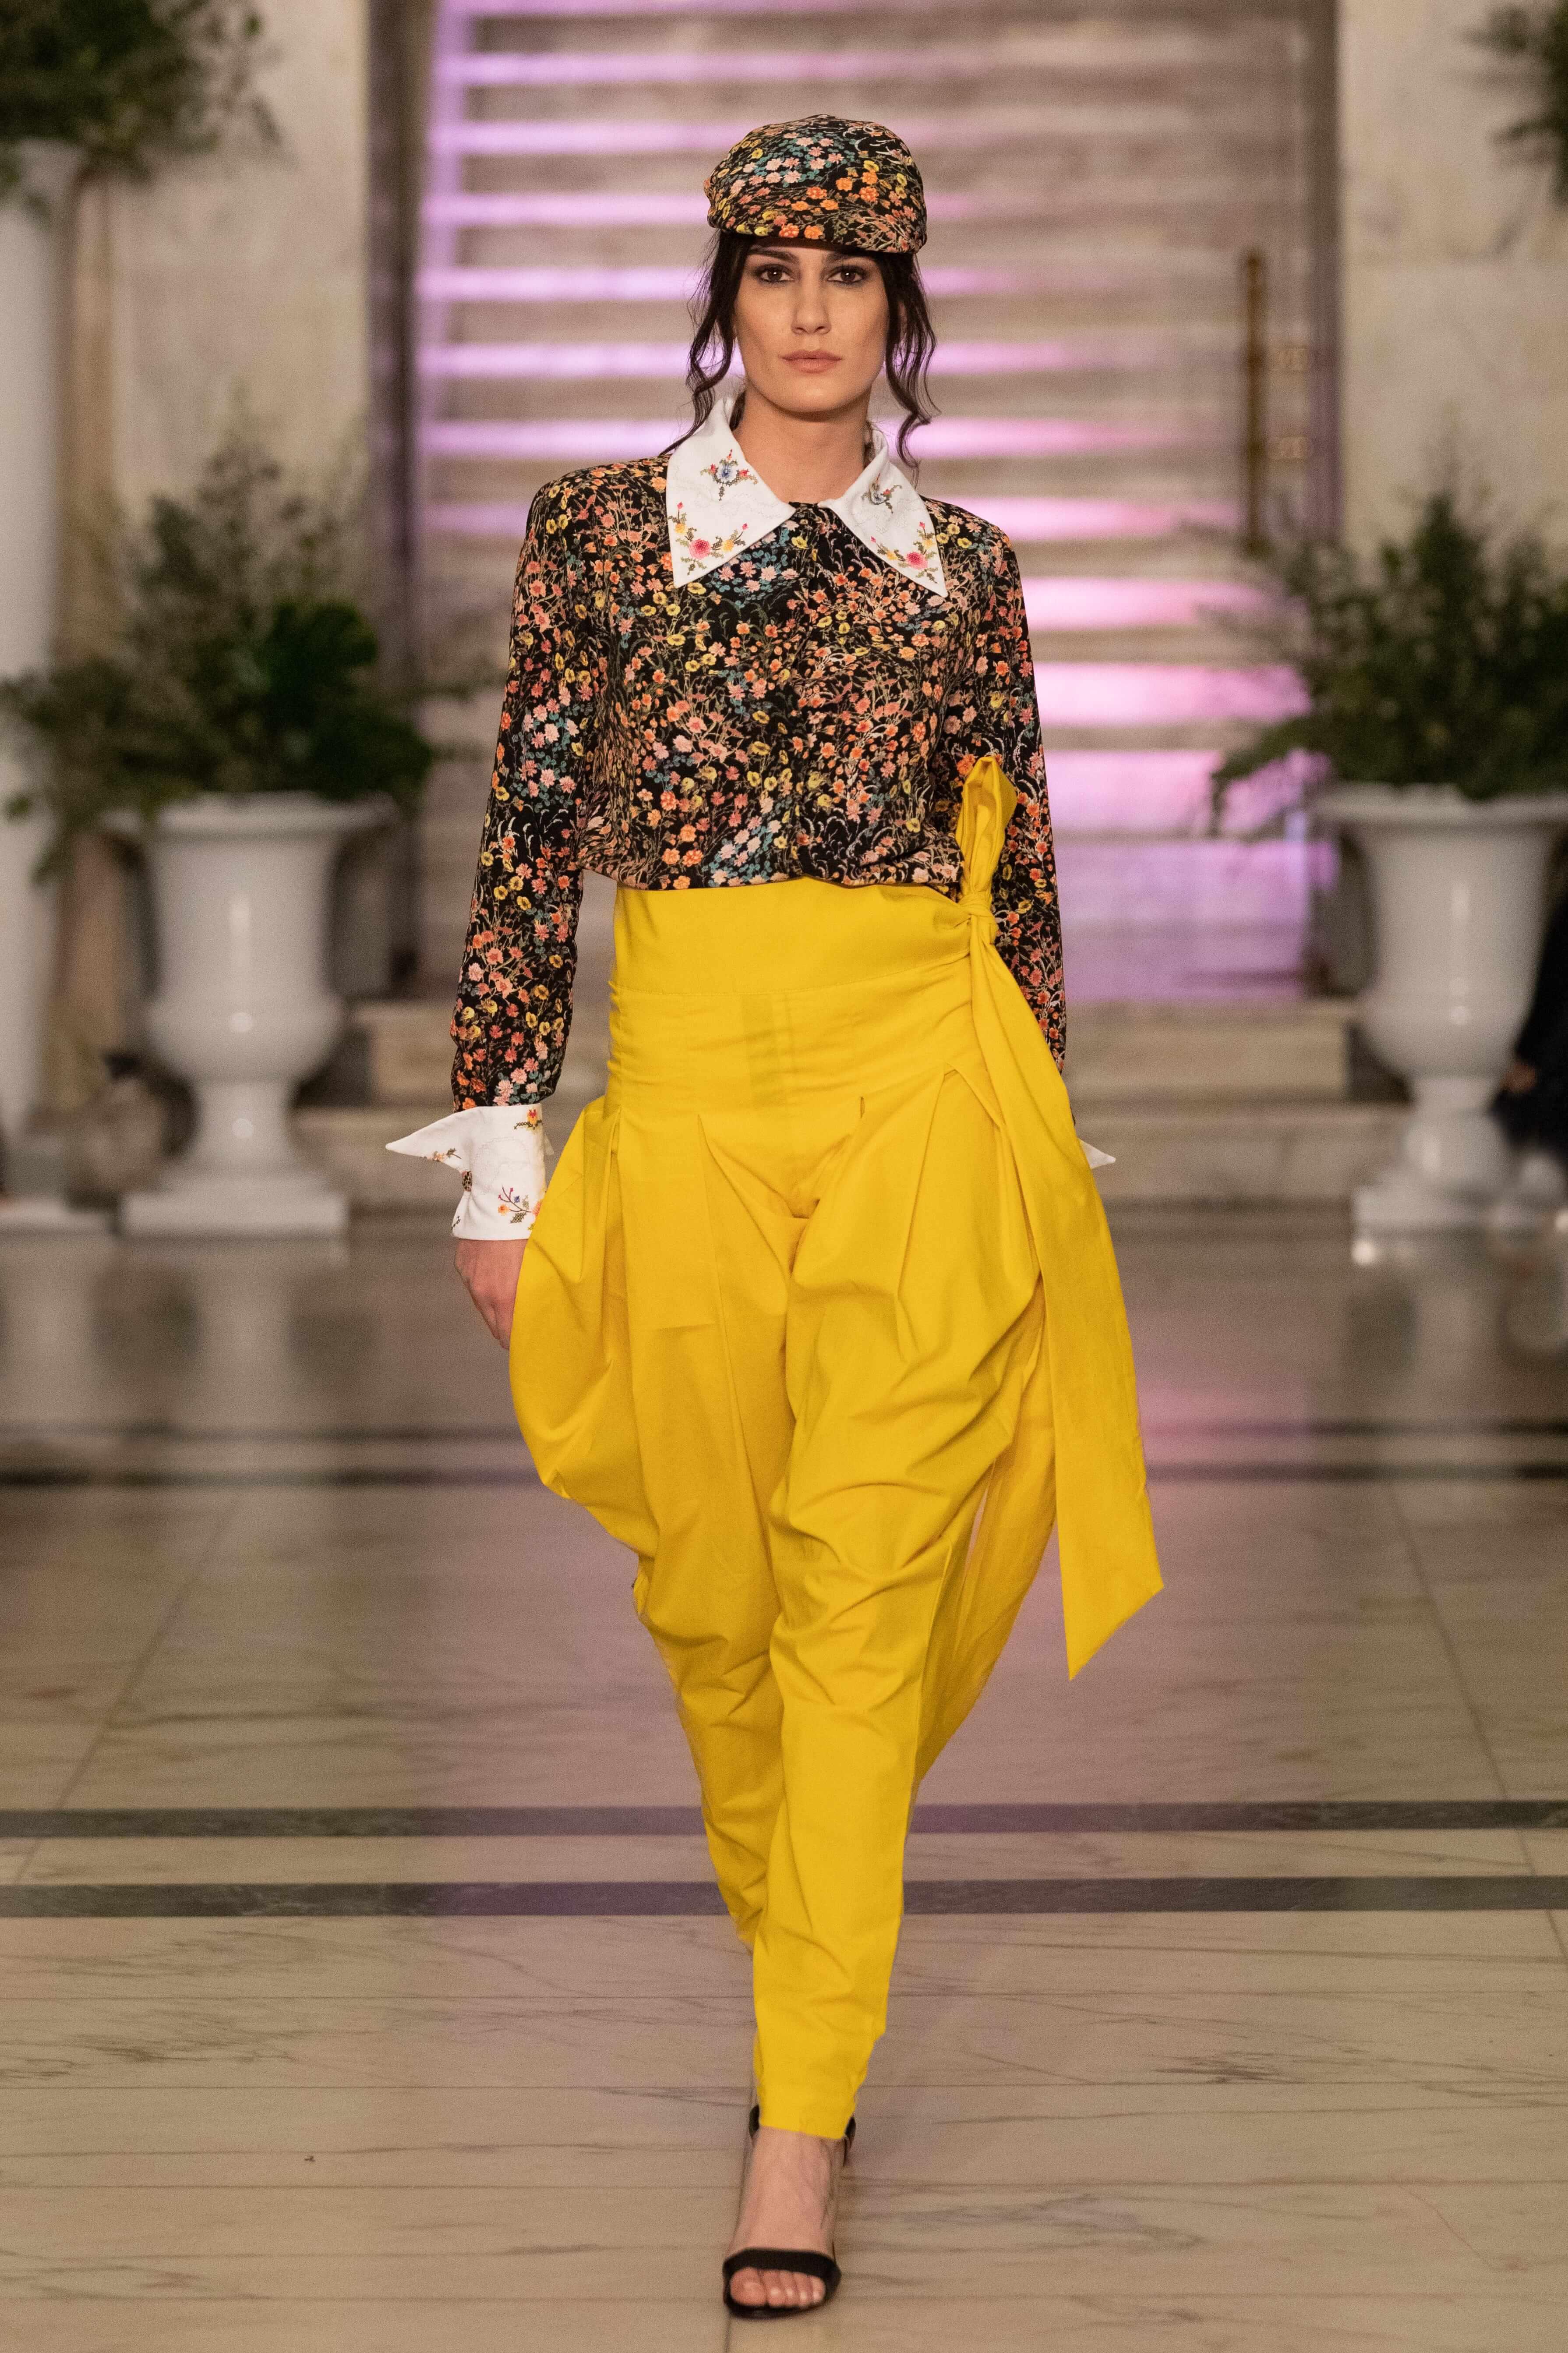 eb128e83b0 ... di diritto al MedModa Festival Internazionale della Moda nel mese di  ottobre. Bali Lawal, invece, individuerà un Fashion Designer da inserire nei